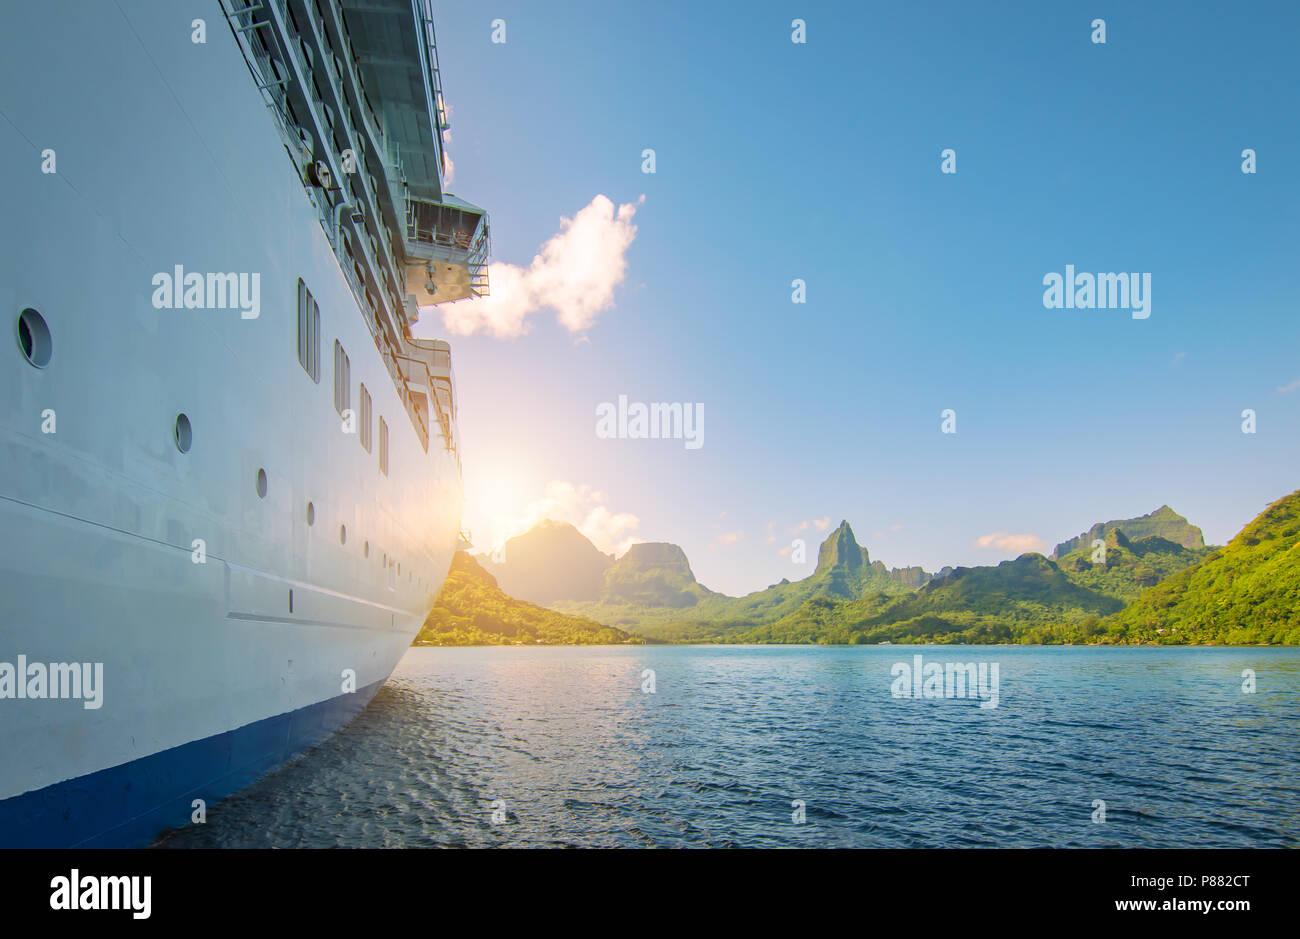 Vue de côté de l'ancre bateau de croisière au coucher du soleil. Arrière-plan la montagne. Photo Stock